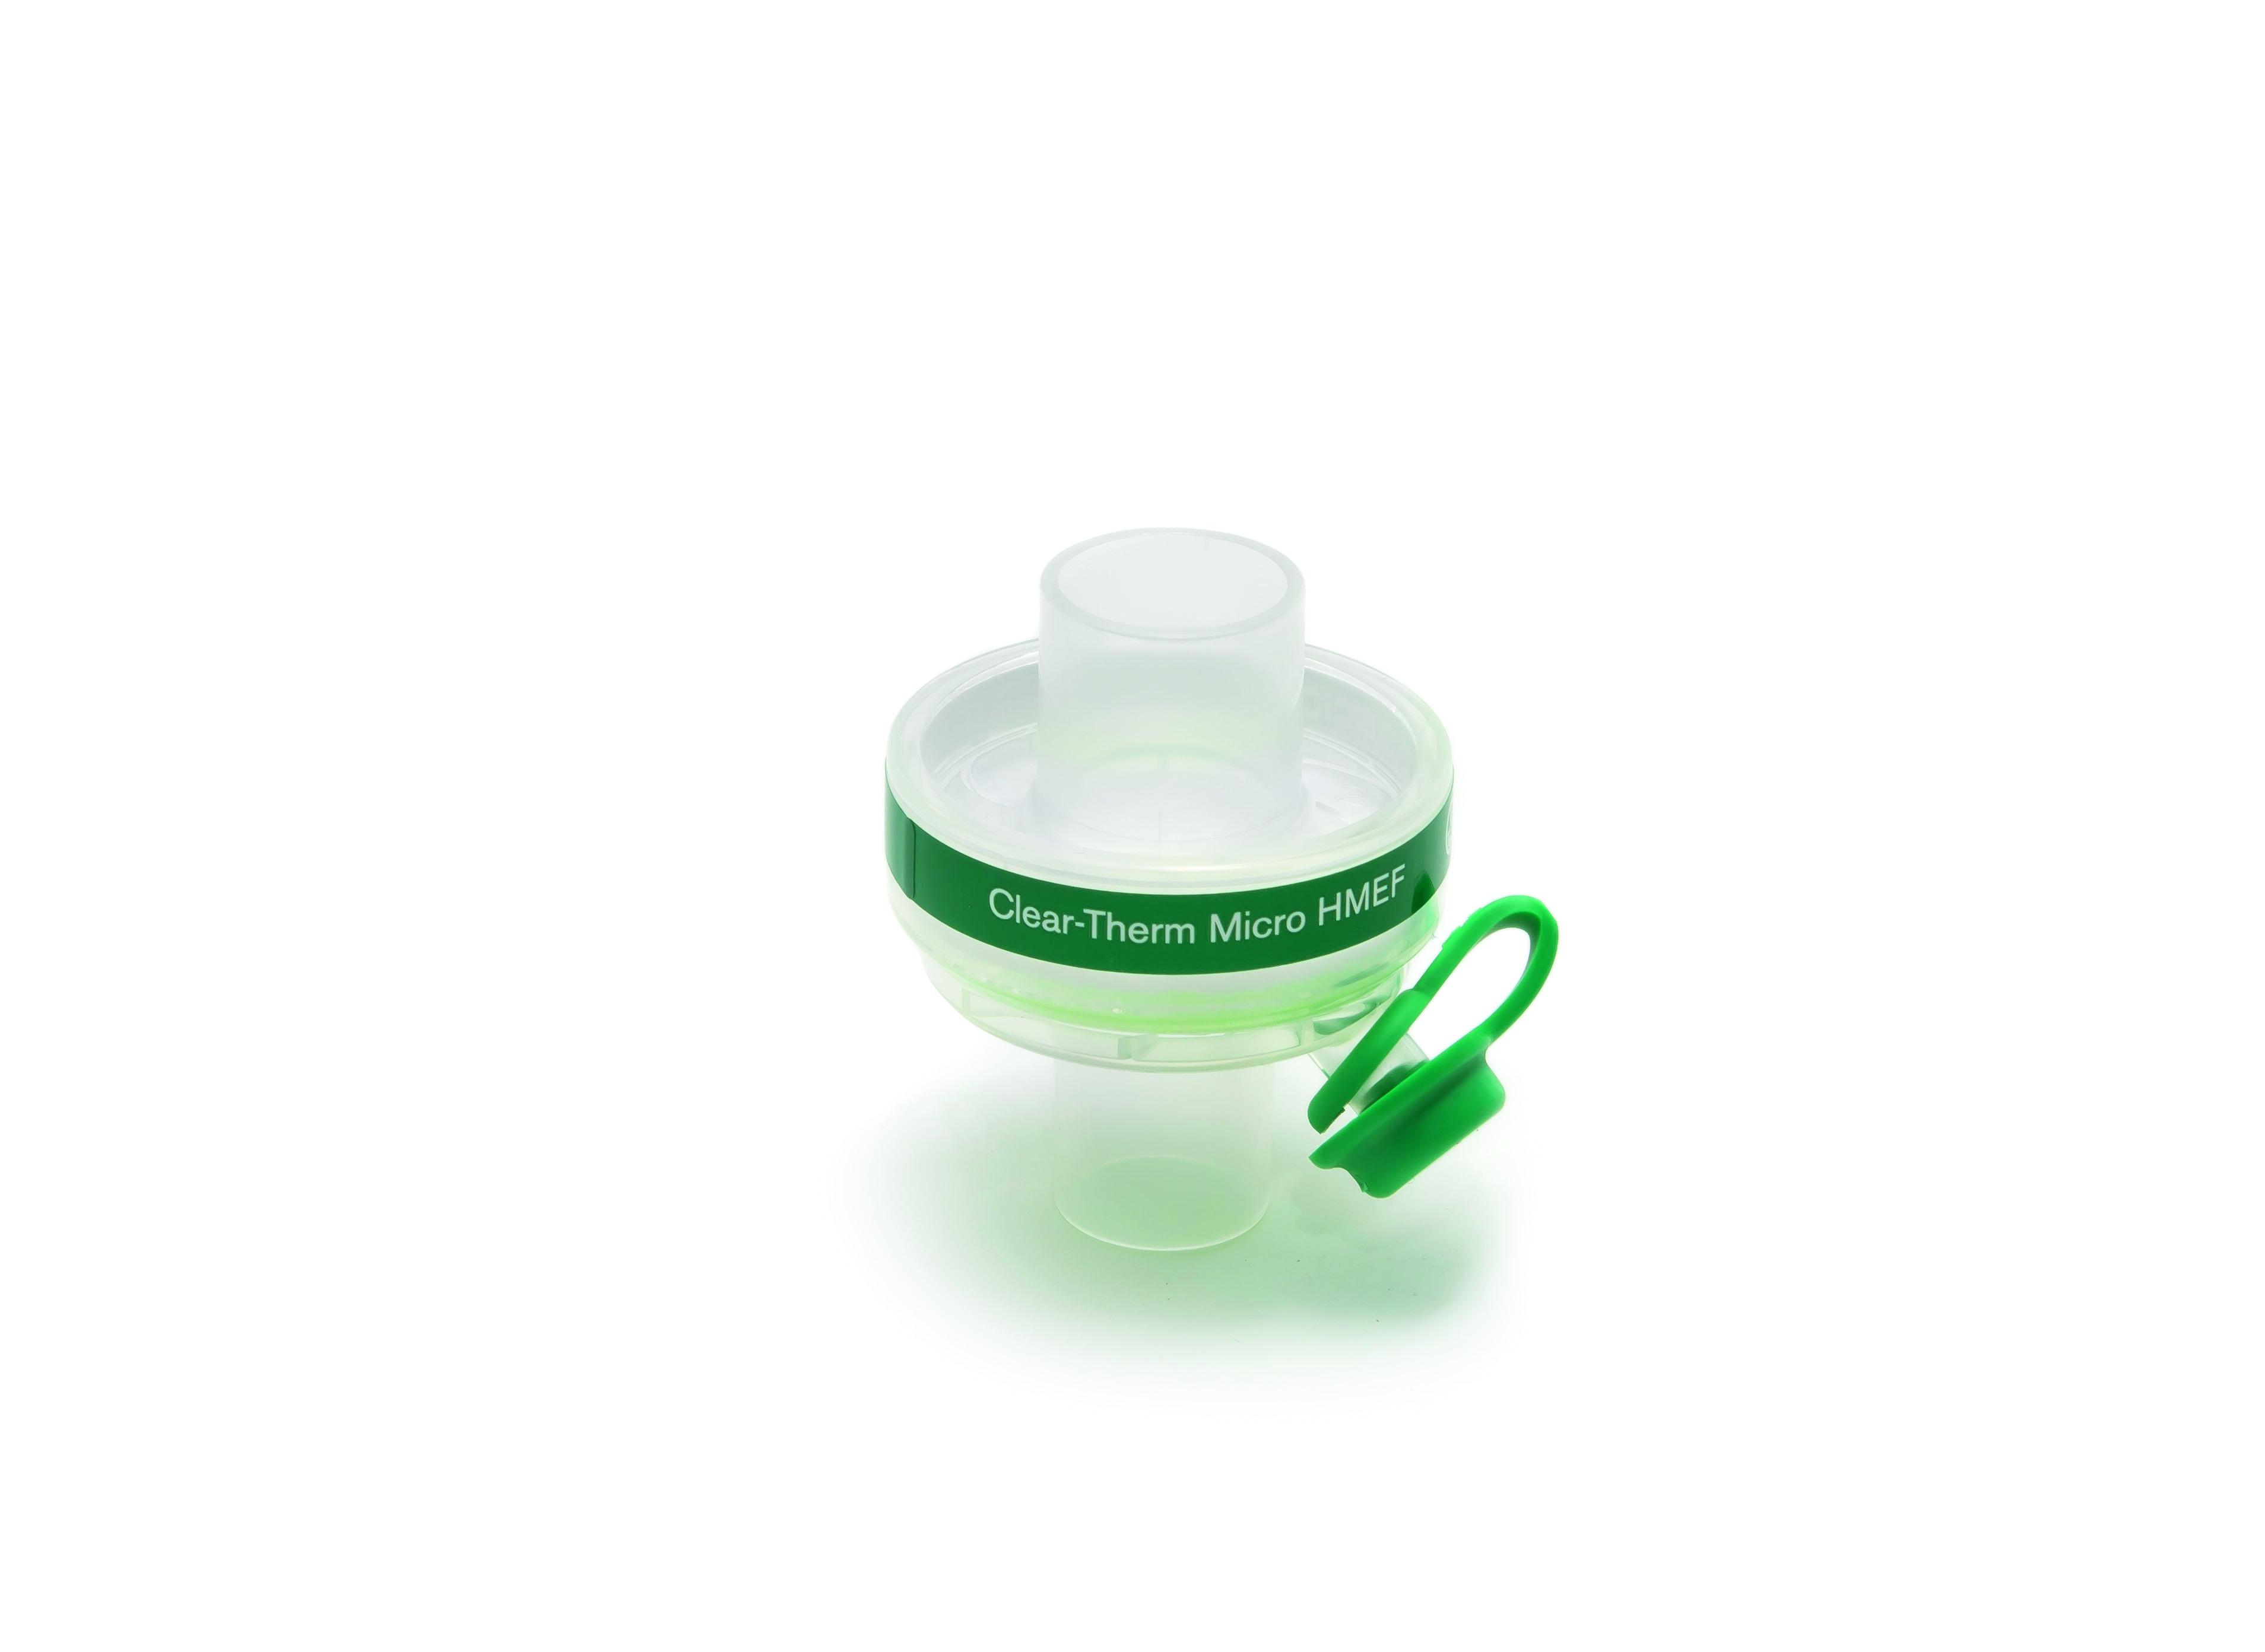 Bakterienfilter, Clear Therm Micro HMEF für Babies mit Luer Port